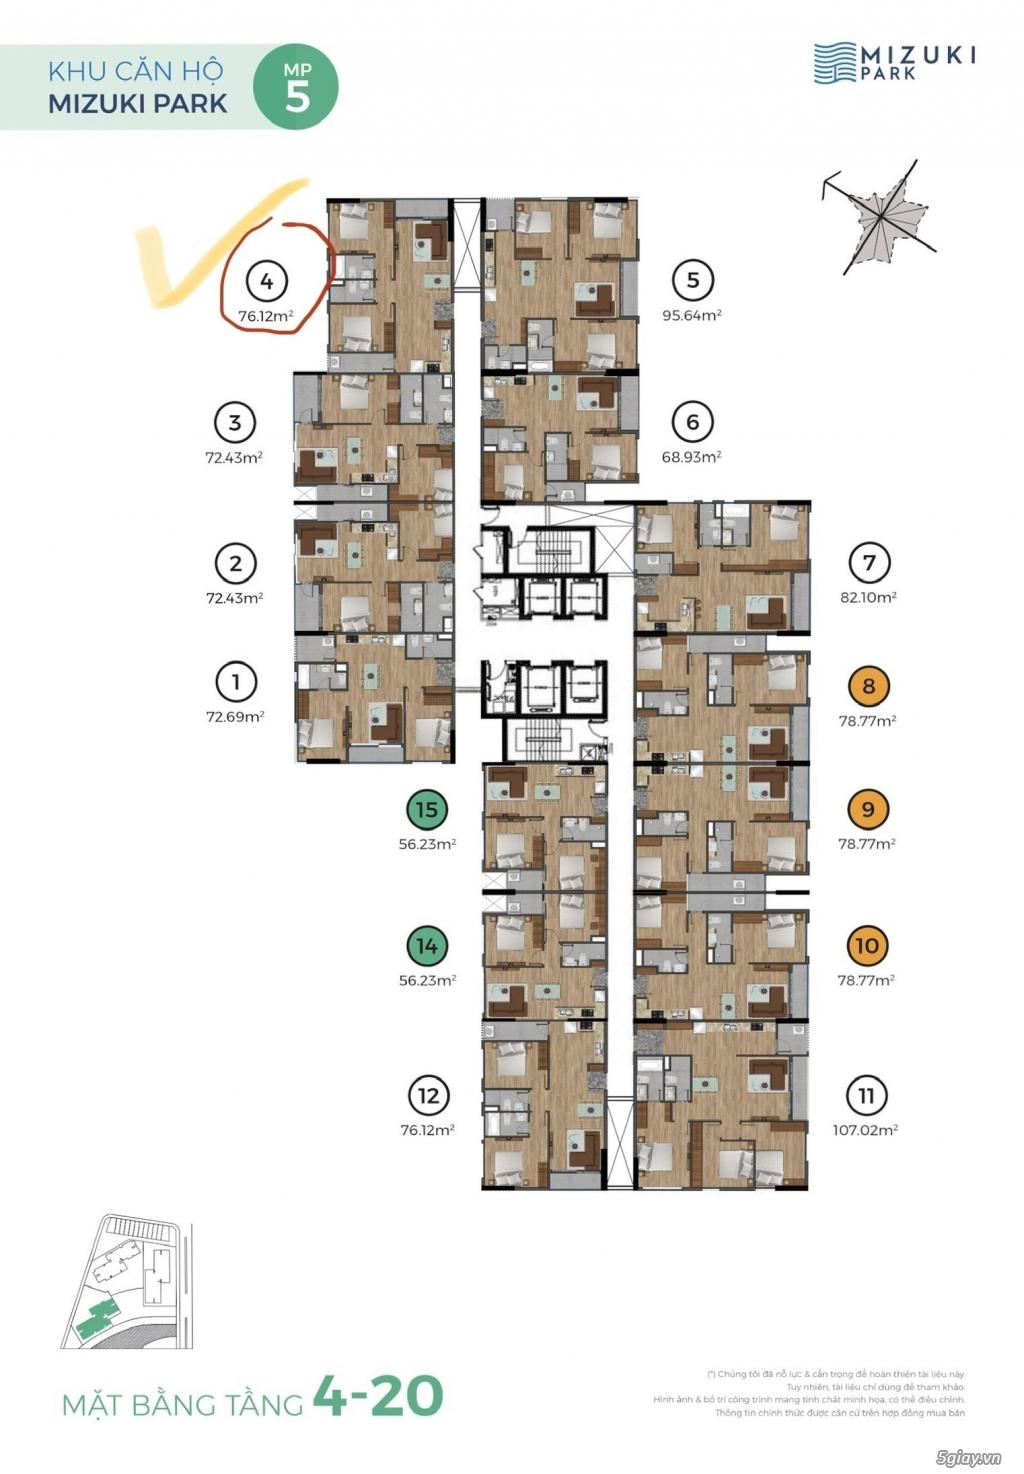 Cho thuê căn hộ cao cấp Flora Mizuki Park - Nguyễn Văn Linh, Bình Hưng - 1